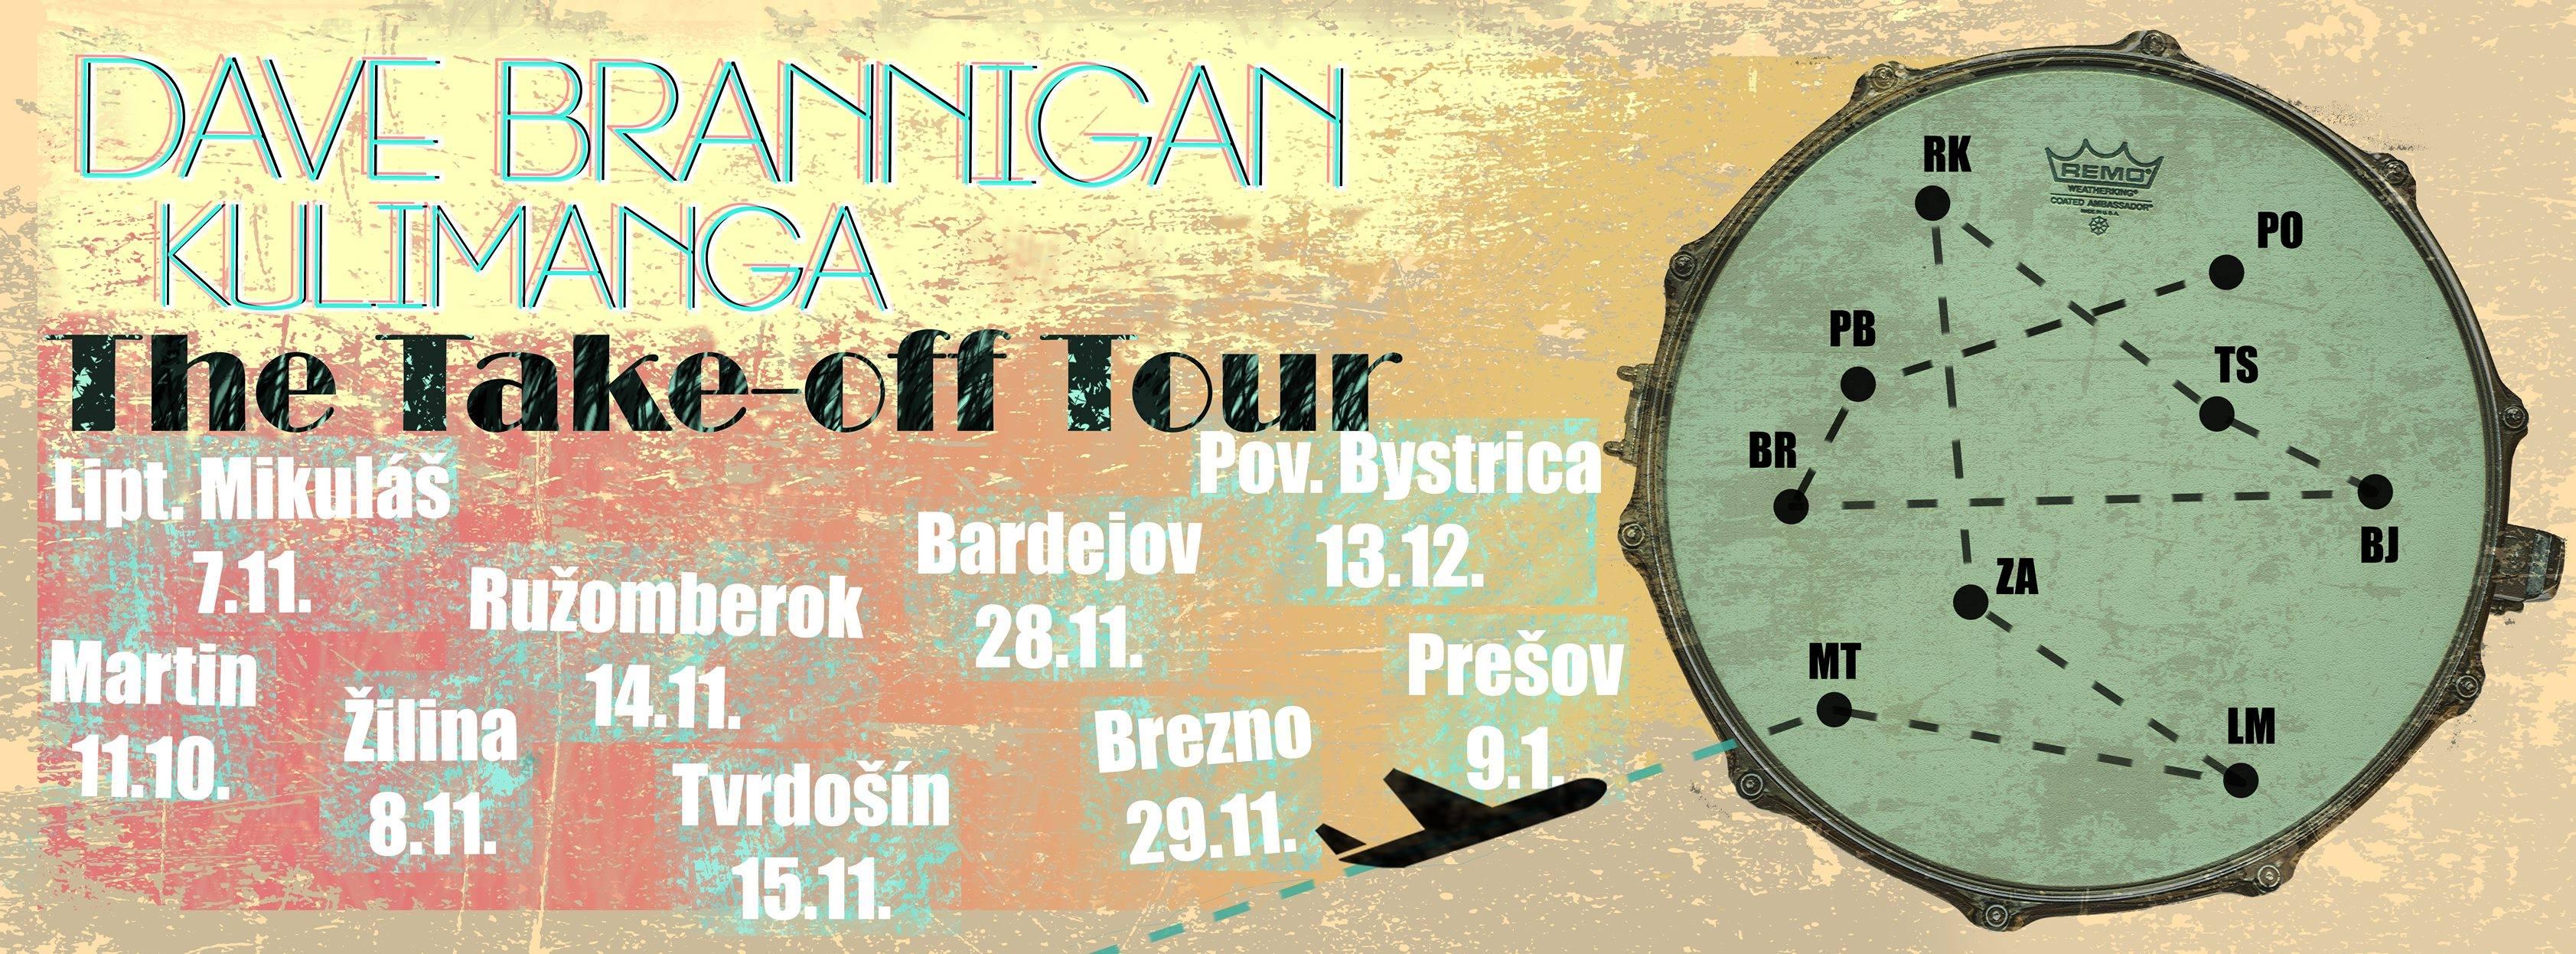 take_off_tour